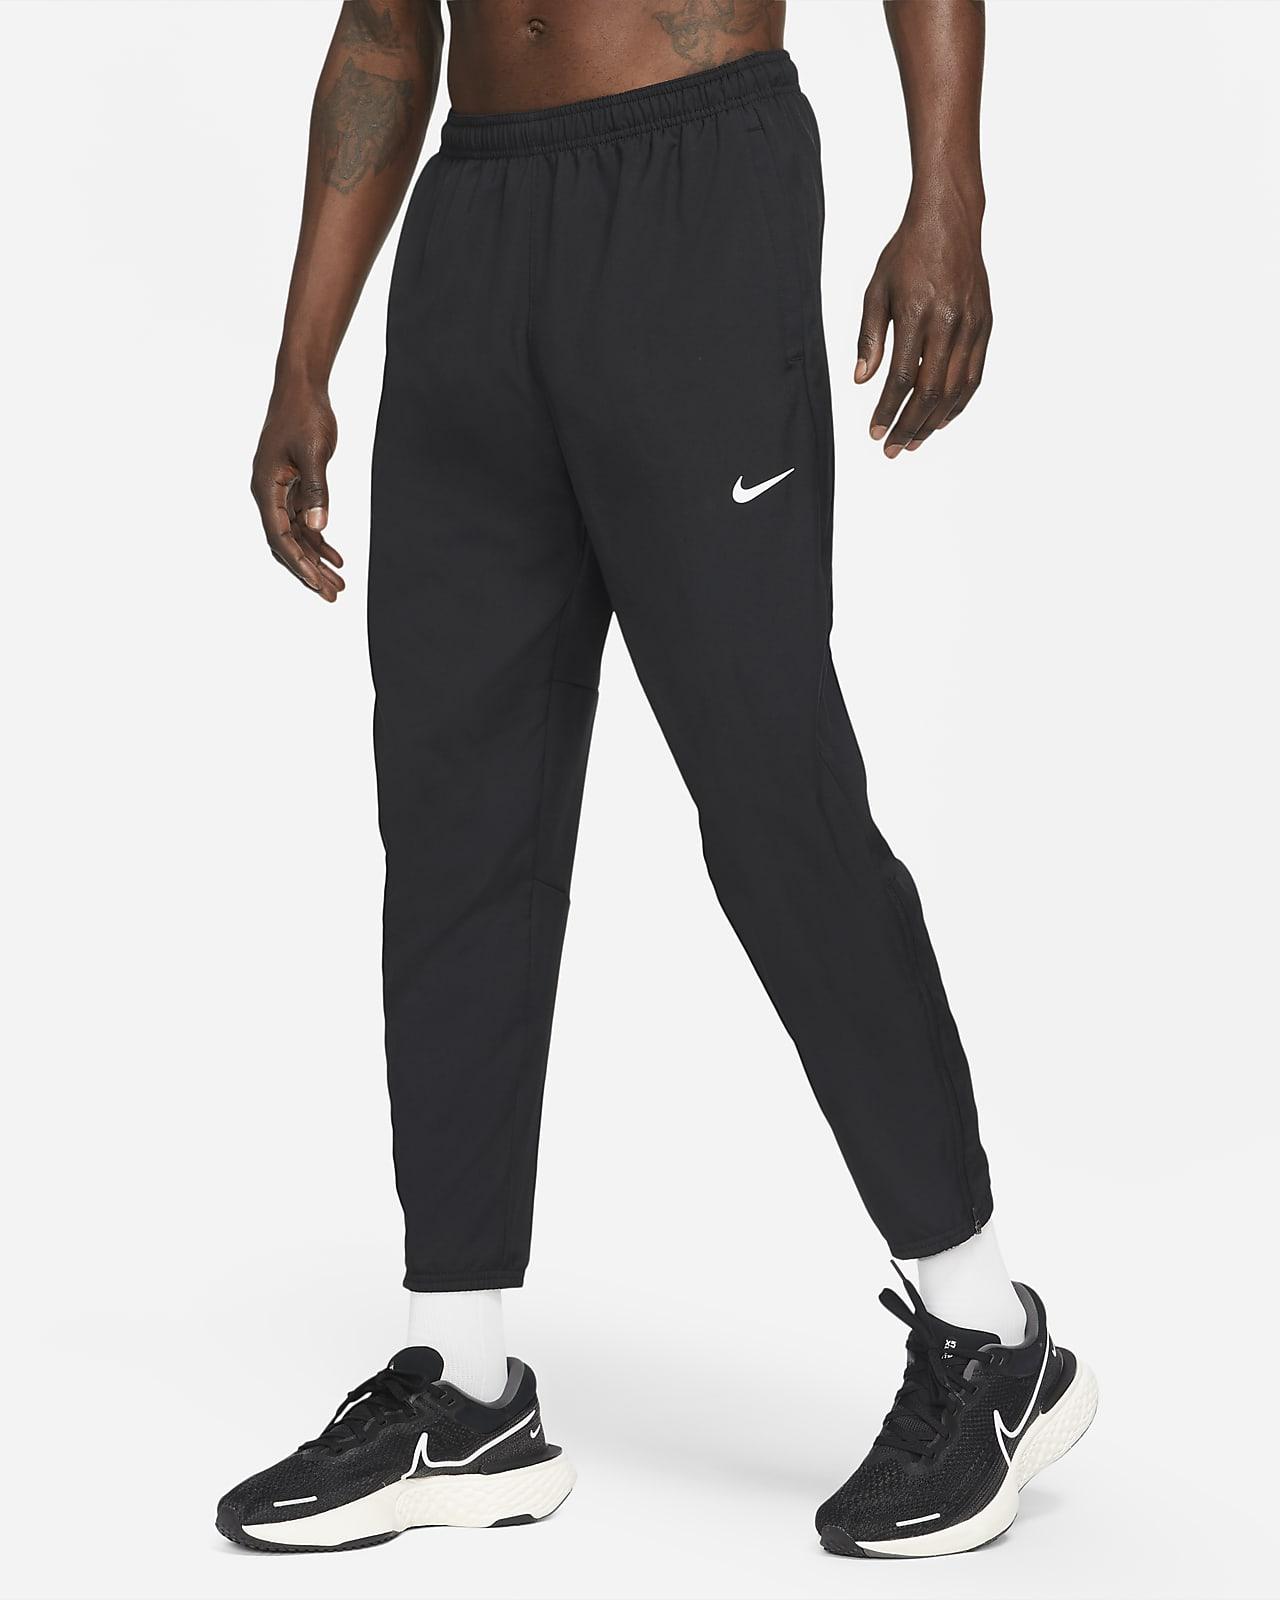 Vævede Nike Dri-FIT Challenger-løbebukser til mænd